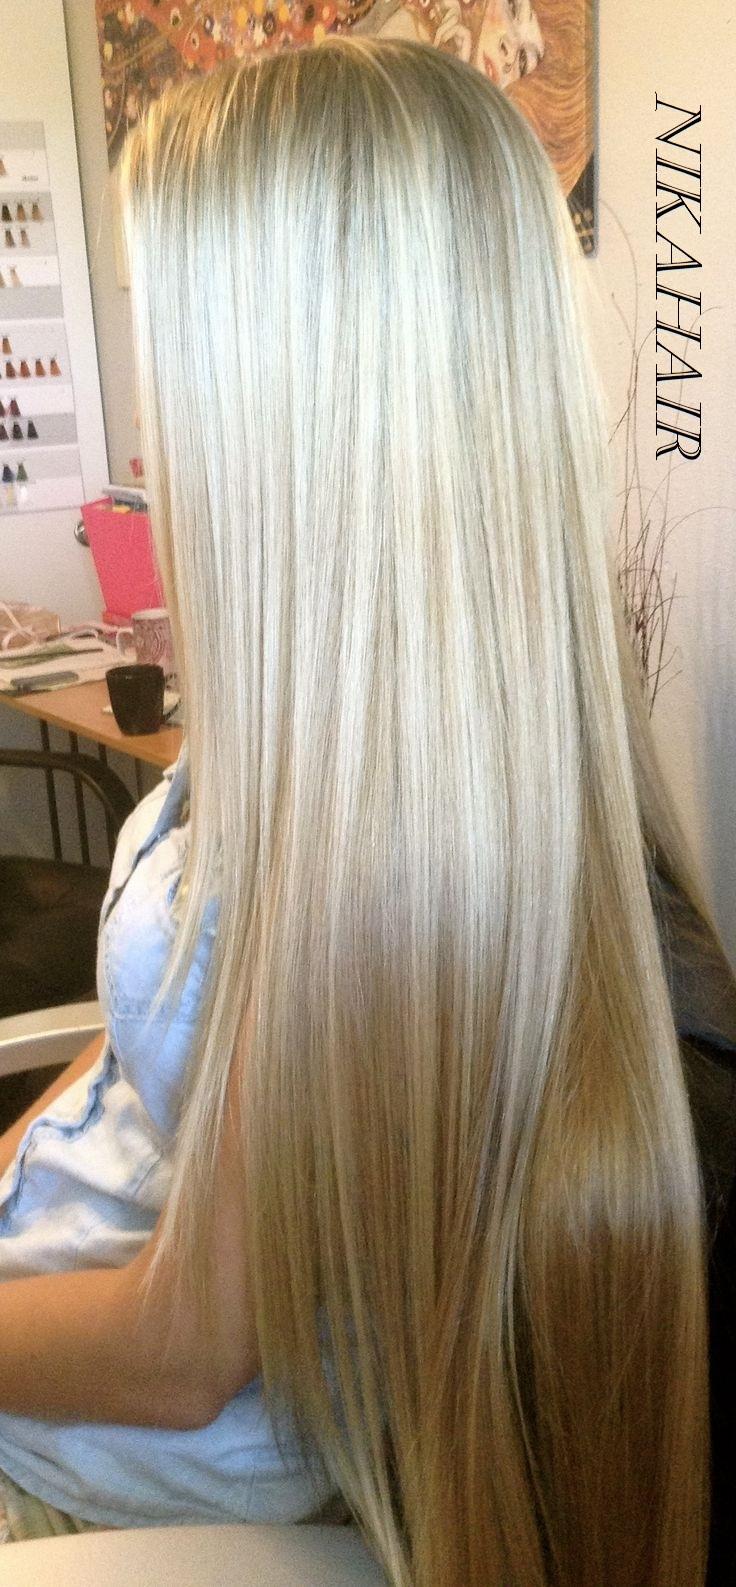 Clip in vlasy - 60cm dlhý pás vlasov - odtieň F 18 613 b901e1e6264